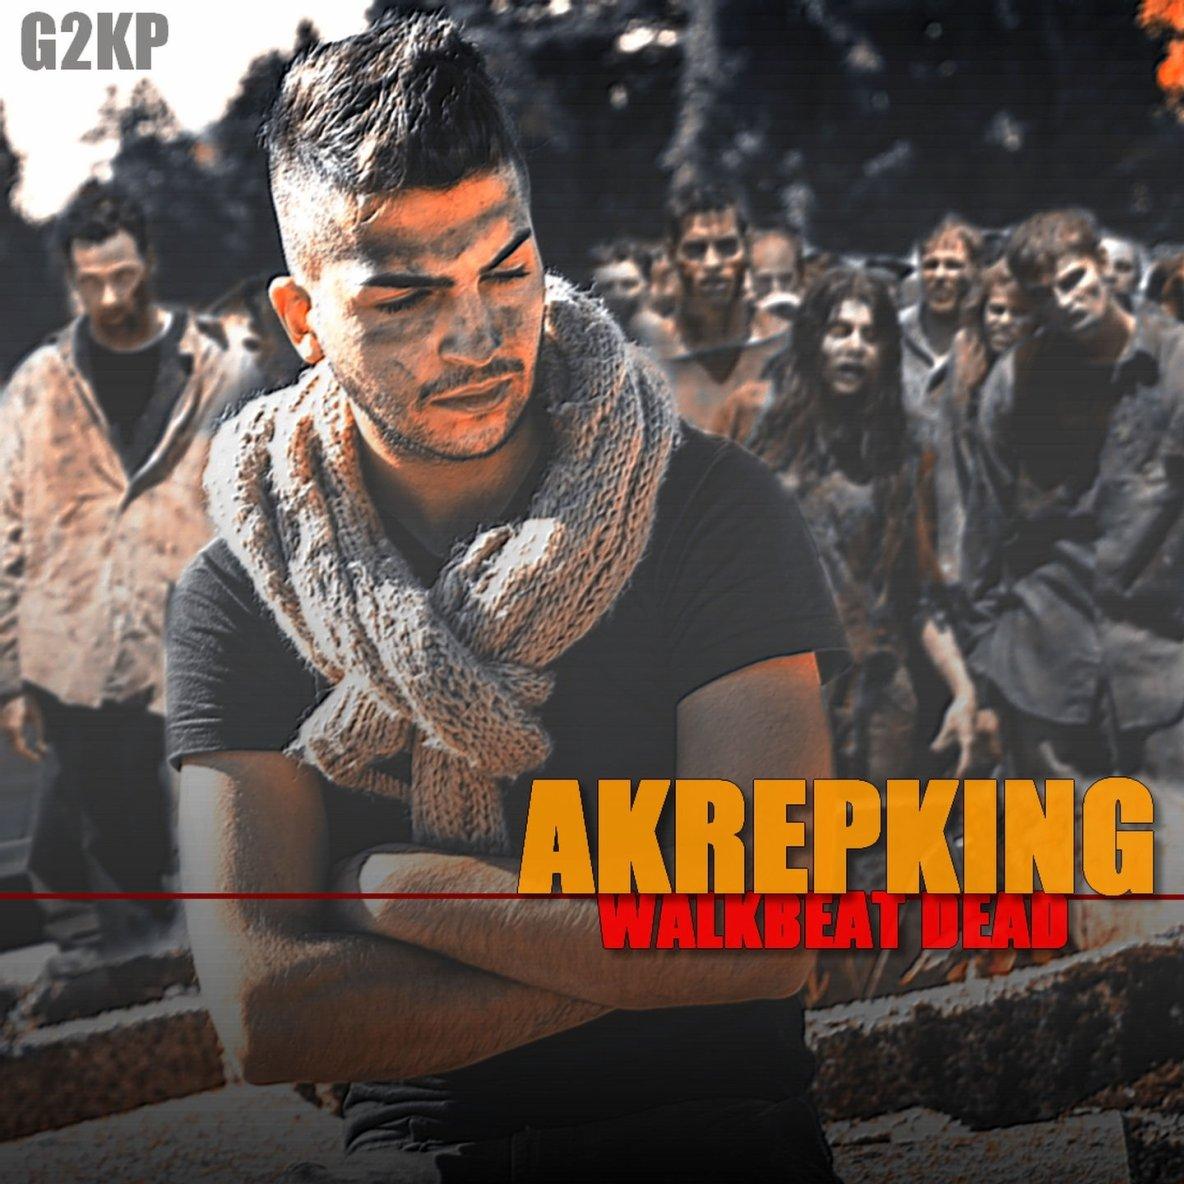 Comme prevu voici la sortie de l album Walkbeat Dead de Akrepking qui est une compilation d instru pour les rapeurs en recherche !!! donne de la force a ce jeune artiste a lavenir devant lui !!!! big up